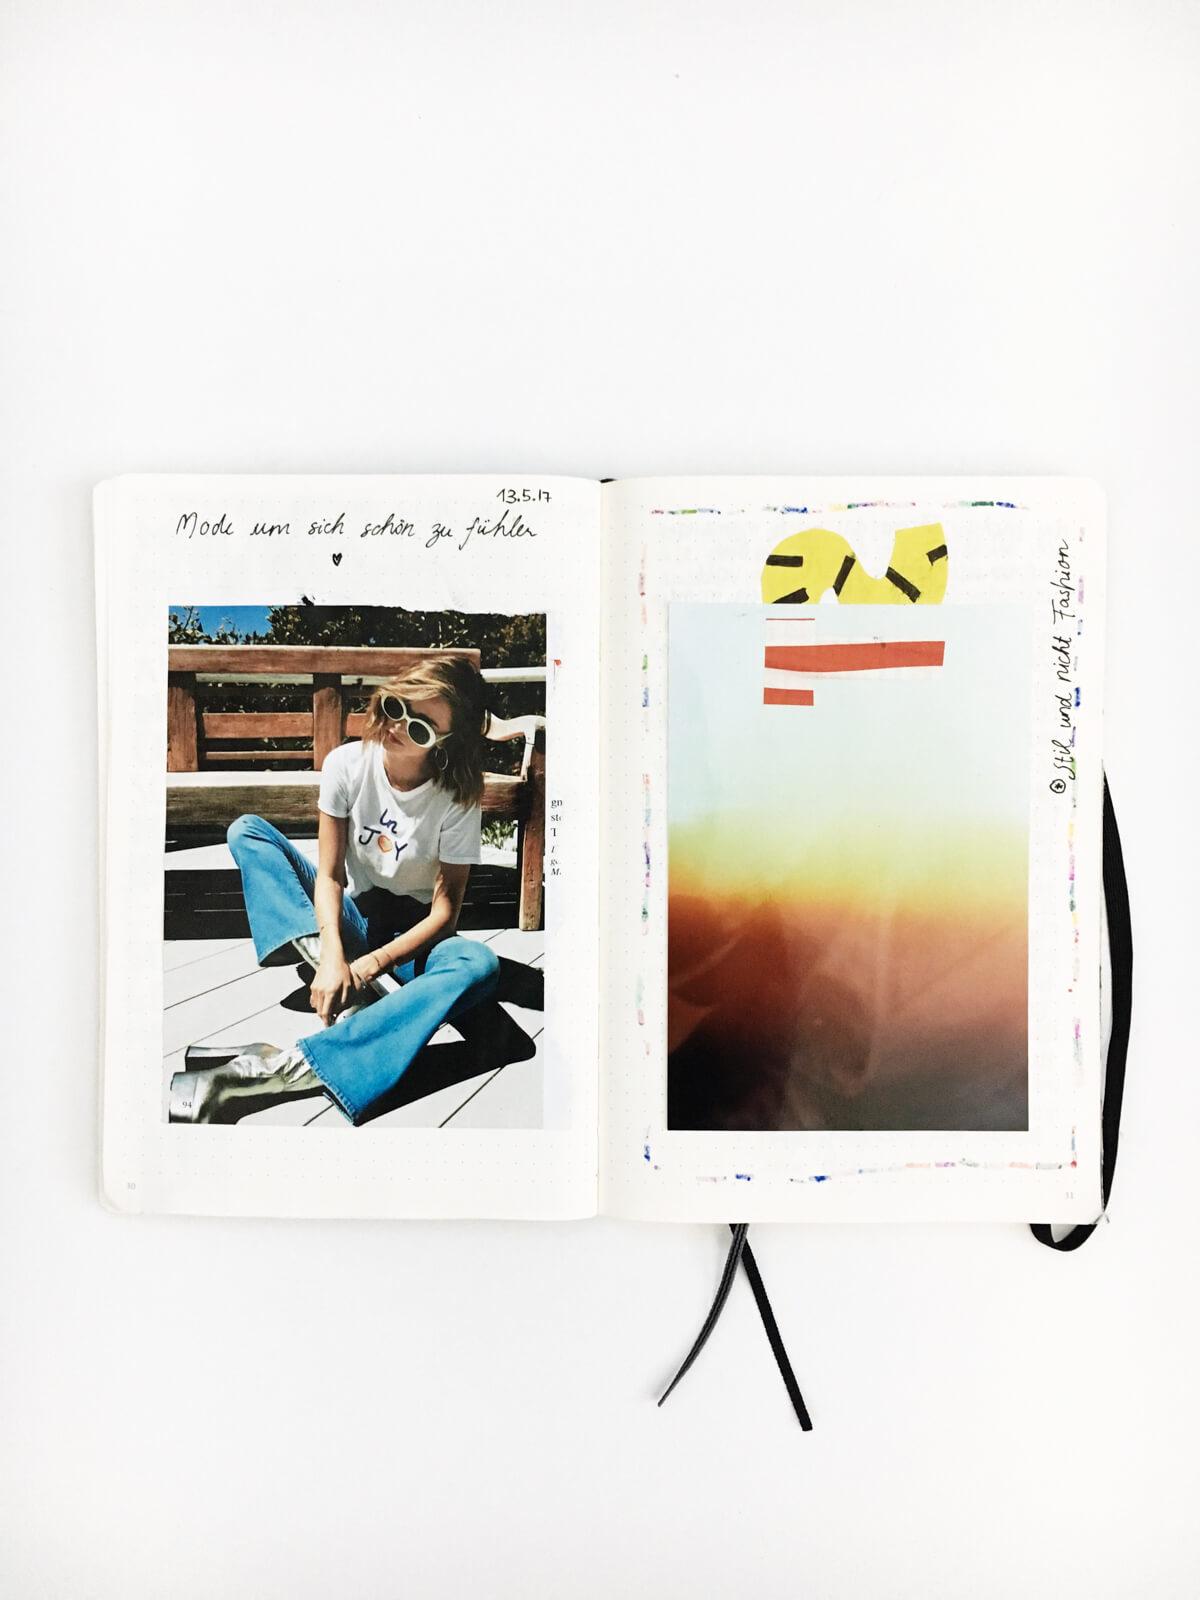 Vom Eintrag im Skizzenbuch zum Konzept für ein Fotoshooting ! So geht's | Wunschleder